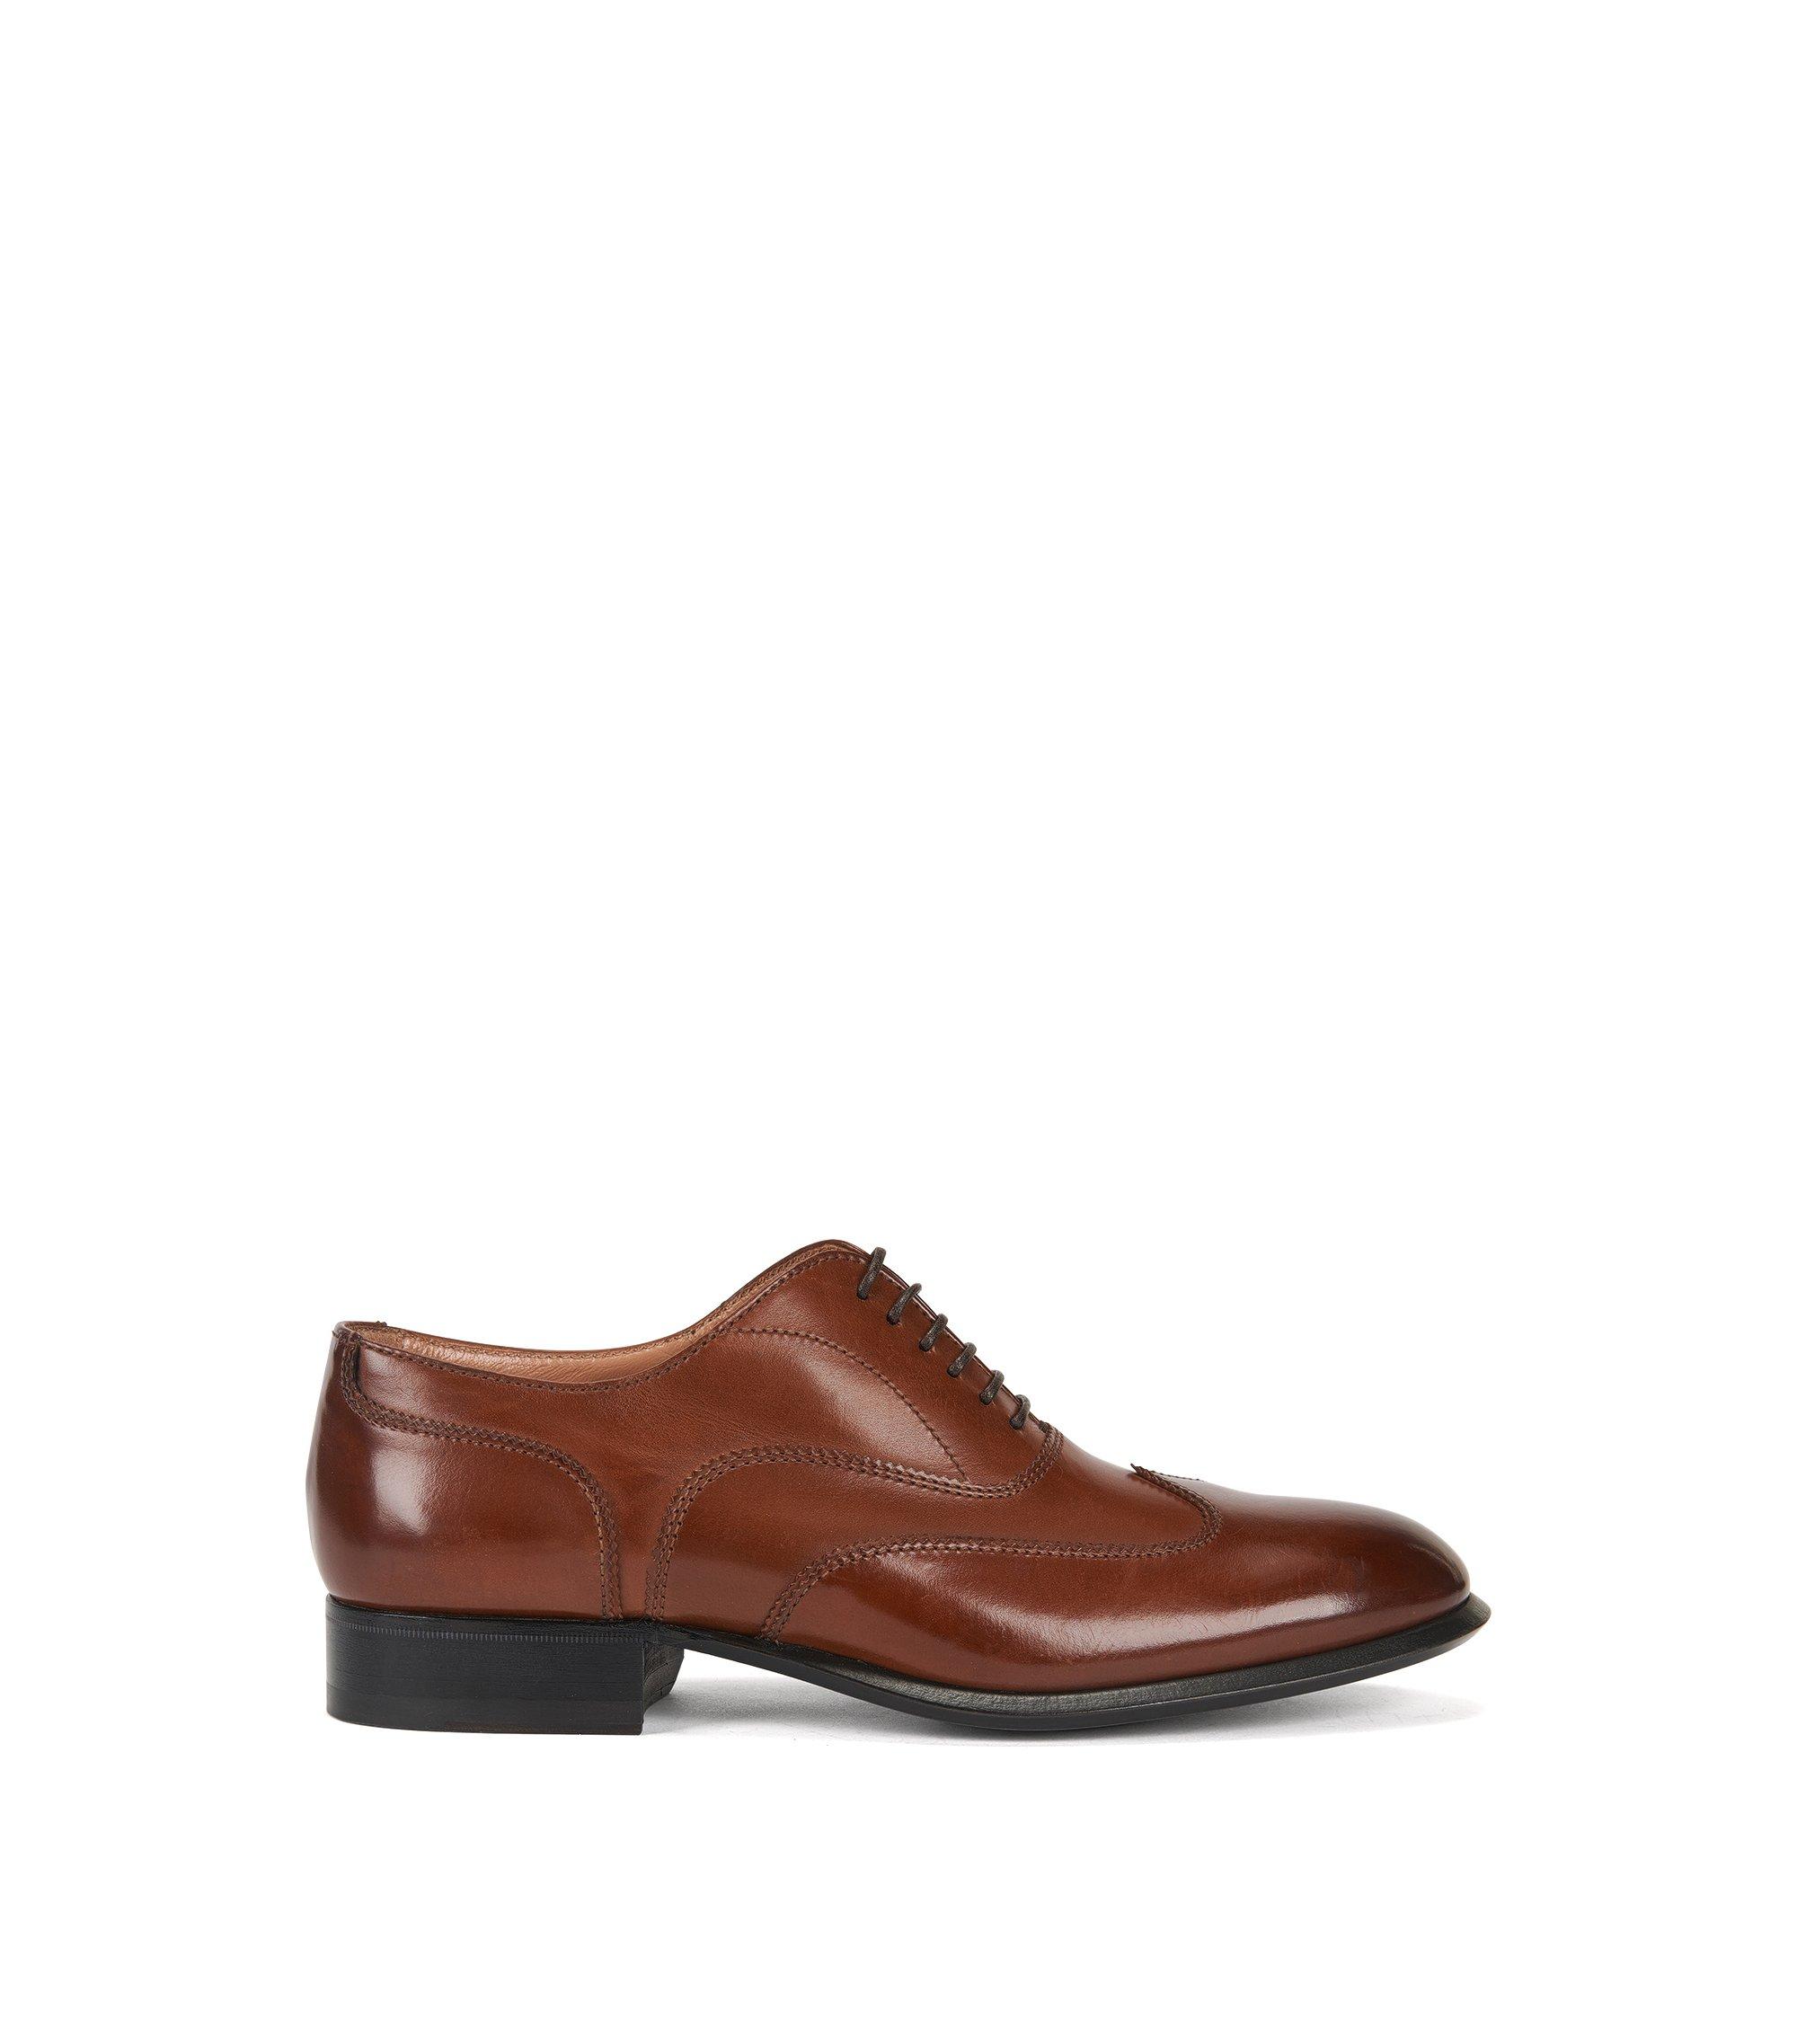 Chaussures habillées en cuir à lacets, Marron